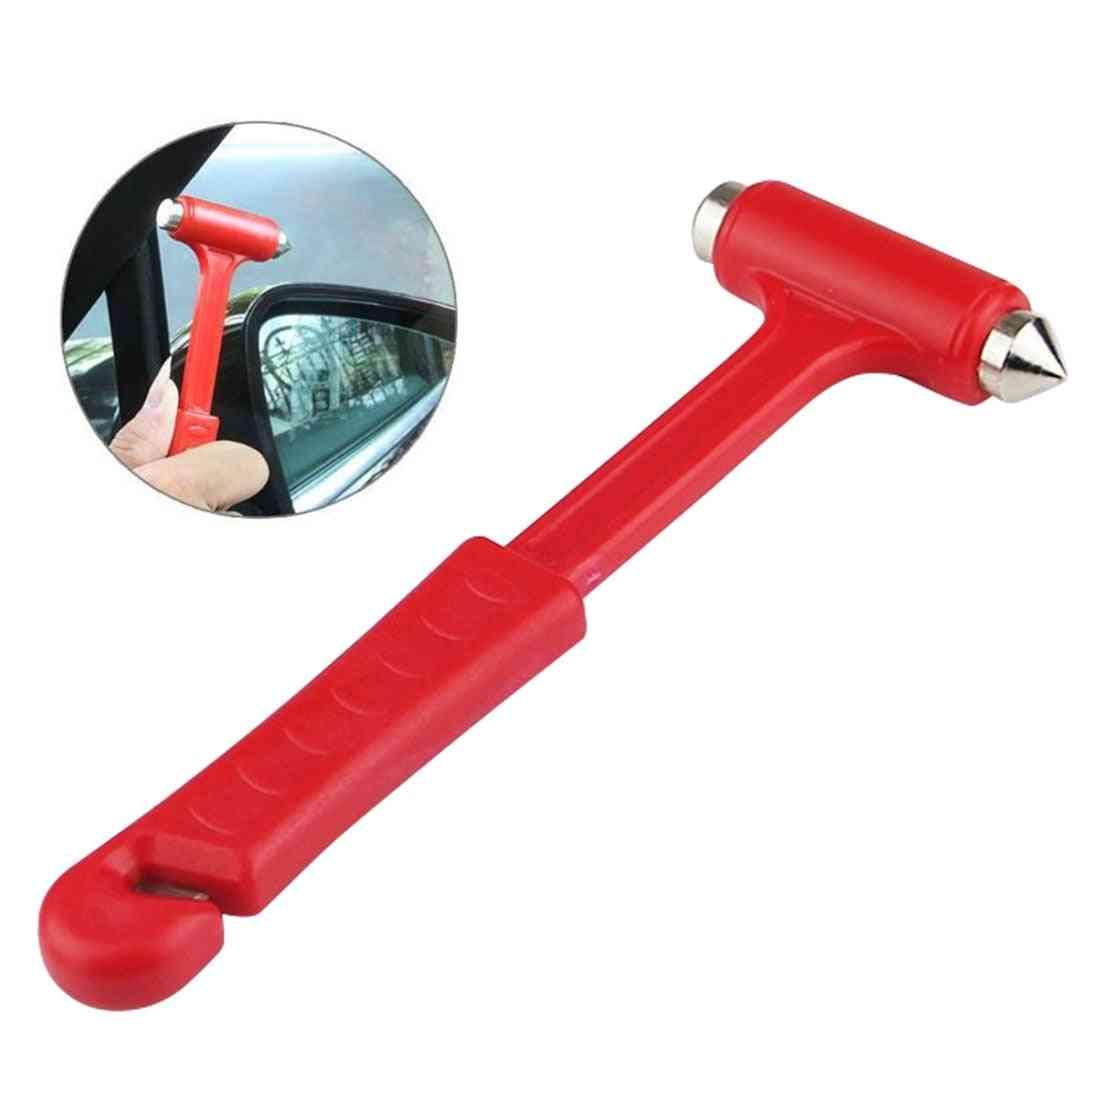 Self Escape Hammer For Fire Emergency, Knocking Glass, Window Breaker Tool